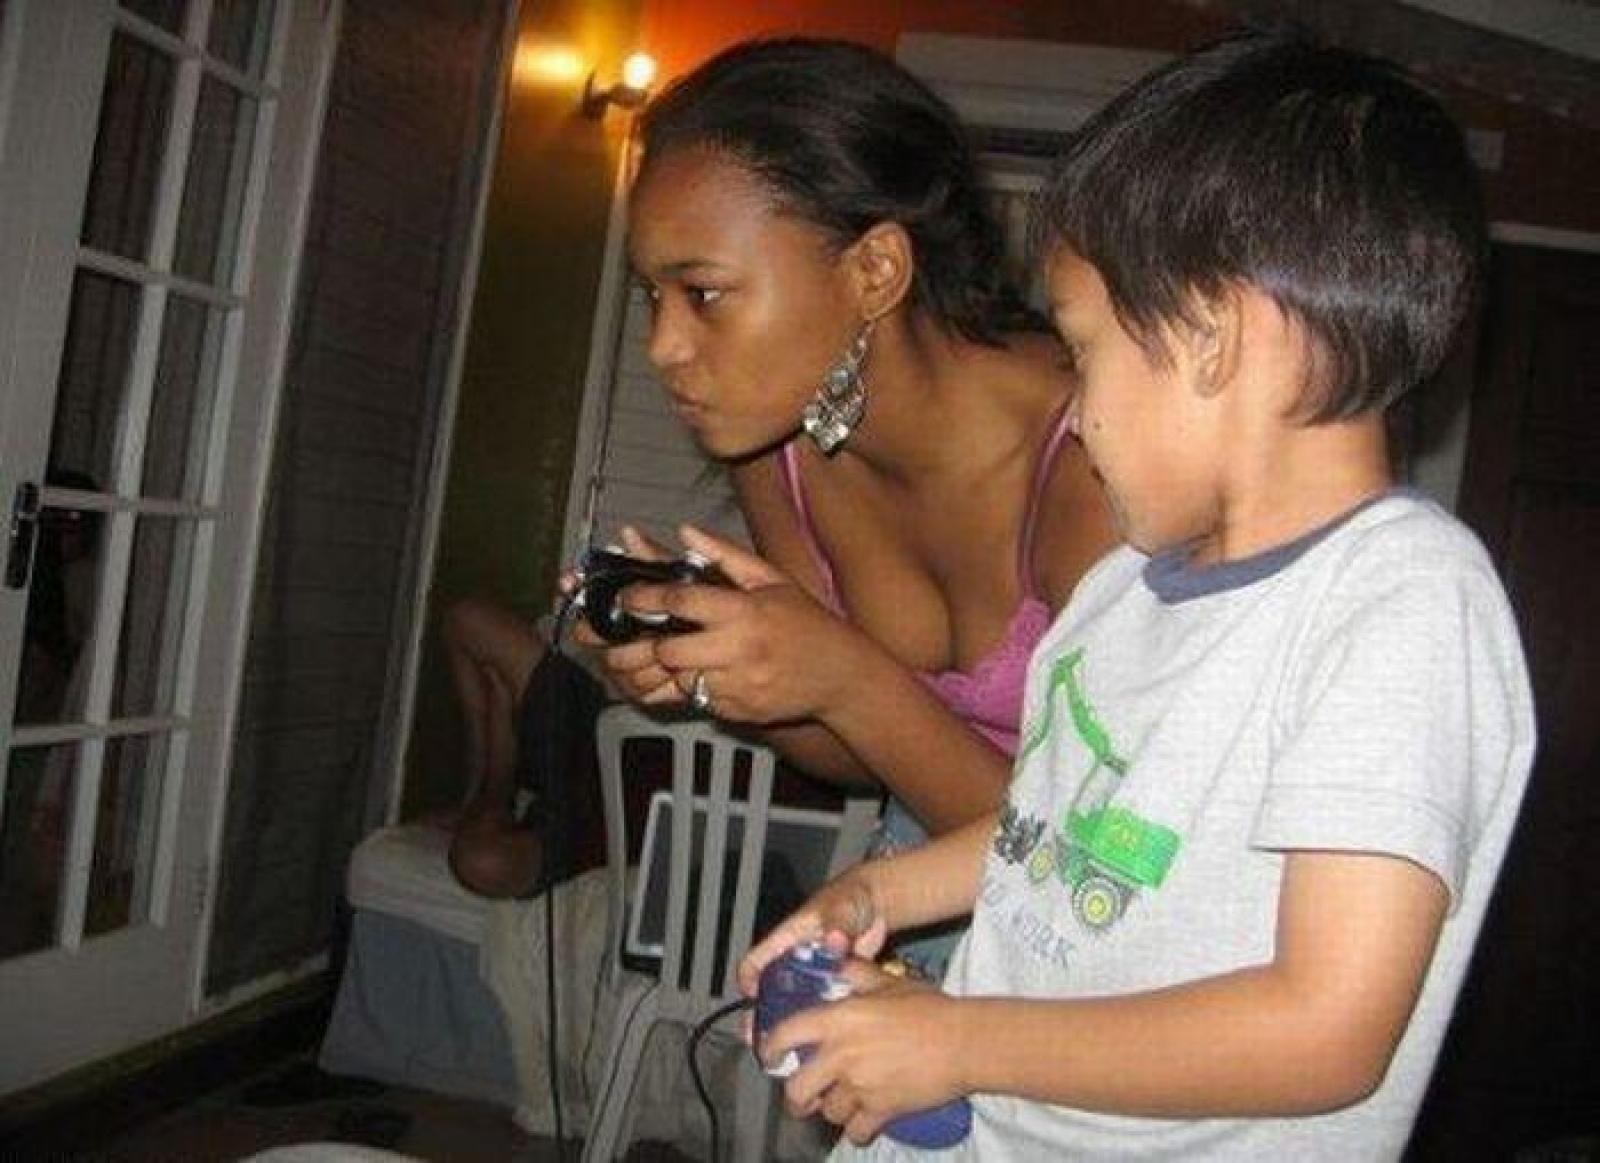 Тётя совращает племянника фото, Грудастая тетя соблазнила молоденького племянника 18 фотография